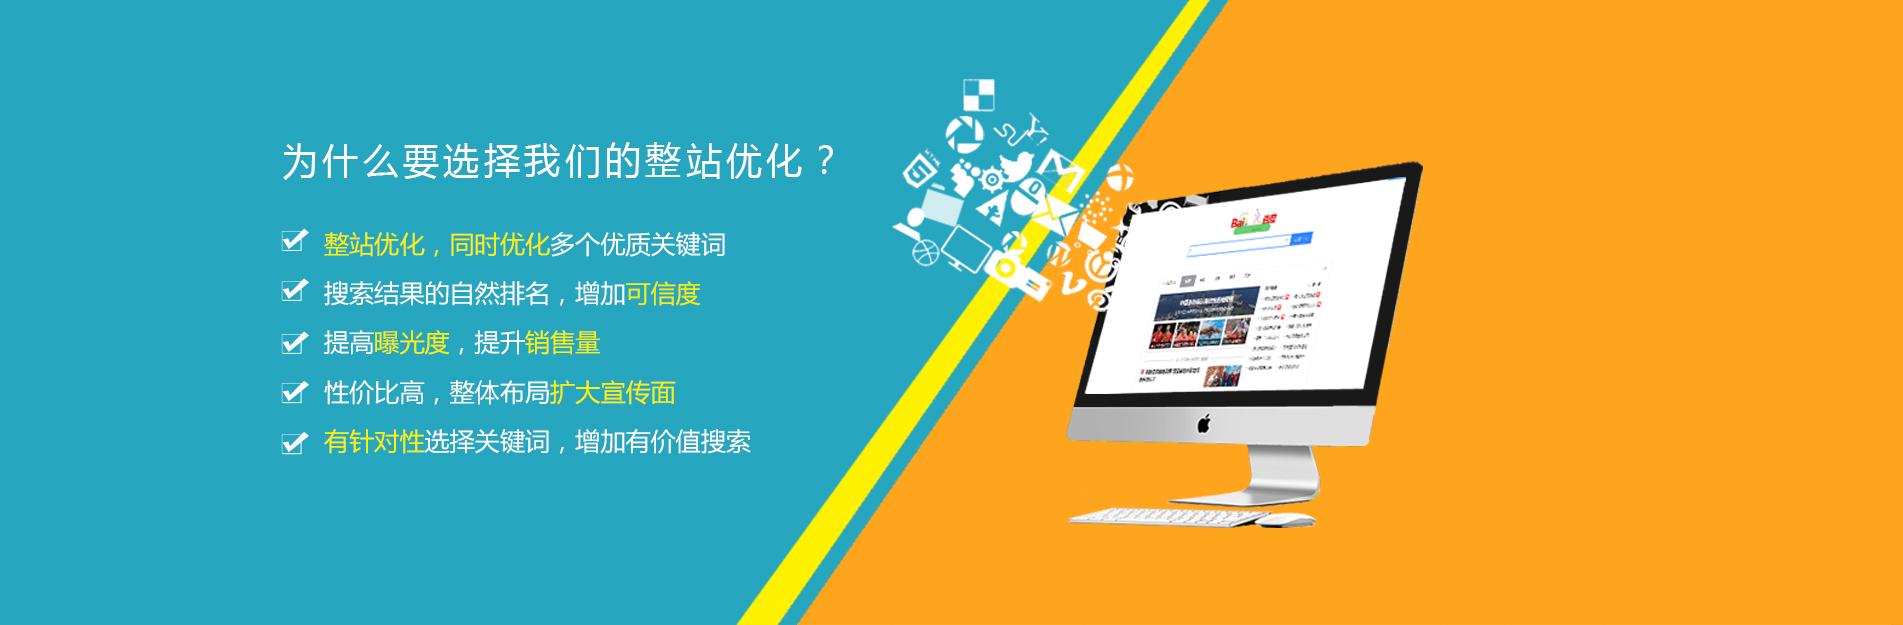 为什么选择我们网站优化